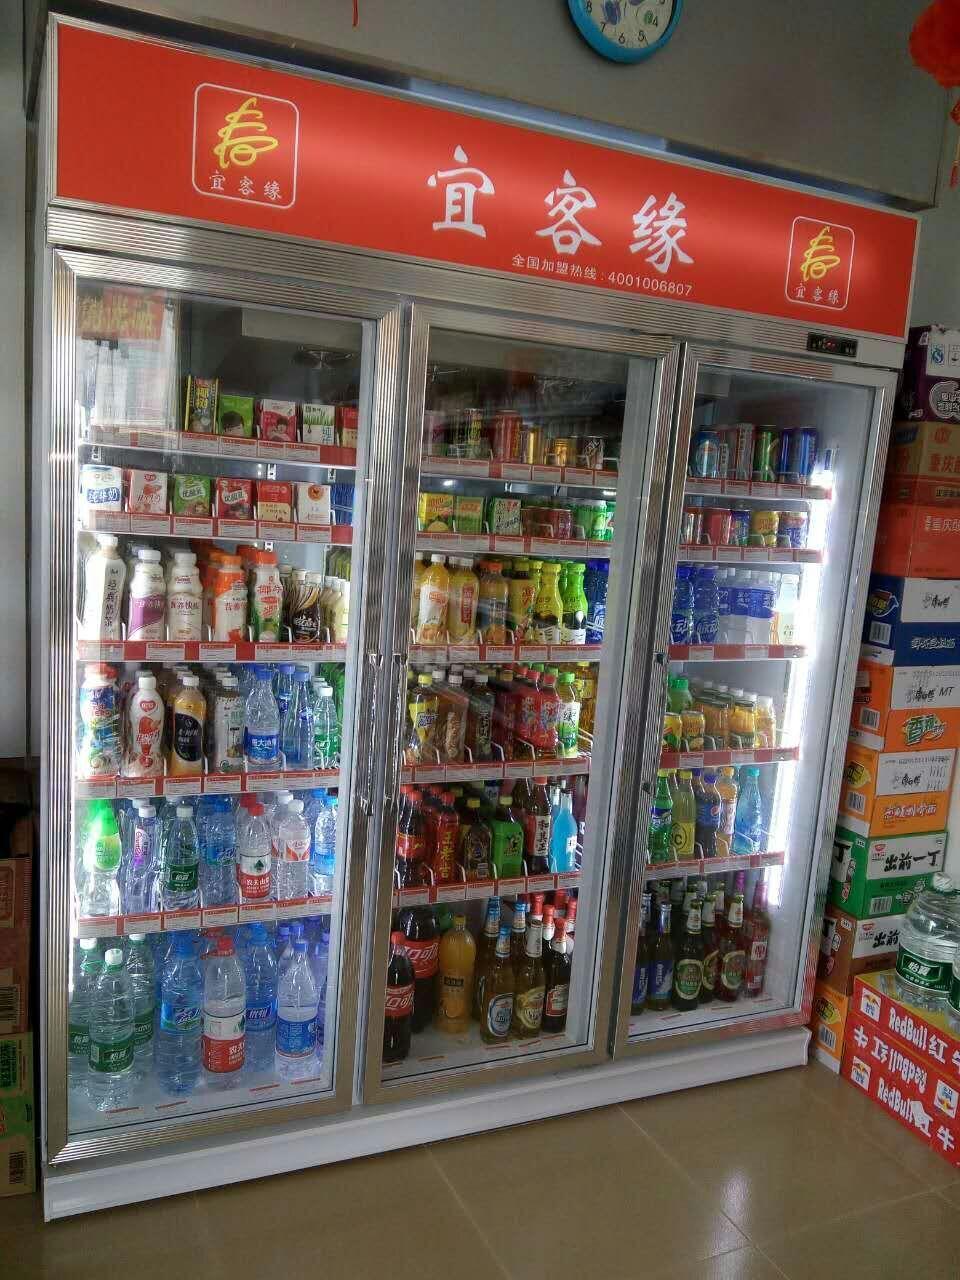 冷藏展示柜怎么样 冷藏展示柜价格